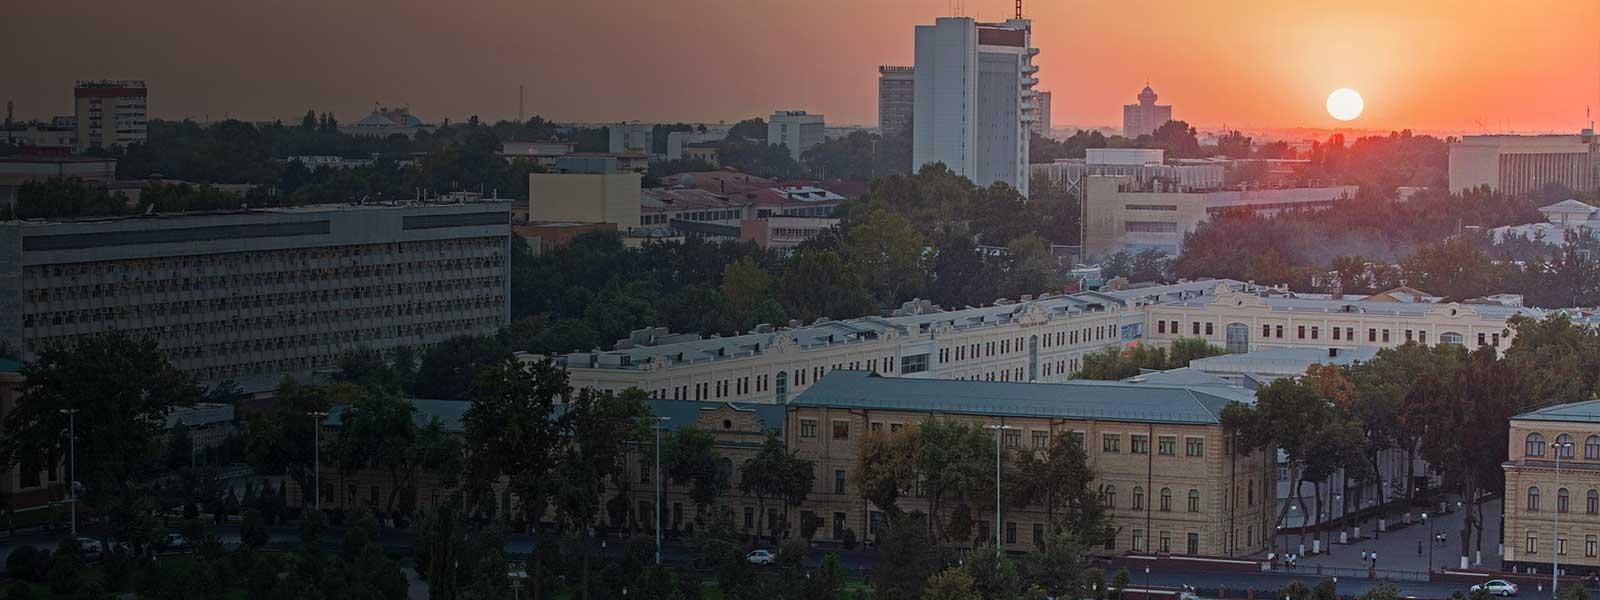 White & Case Opens New Office in Tashkent, Uzbekistan